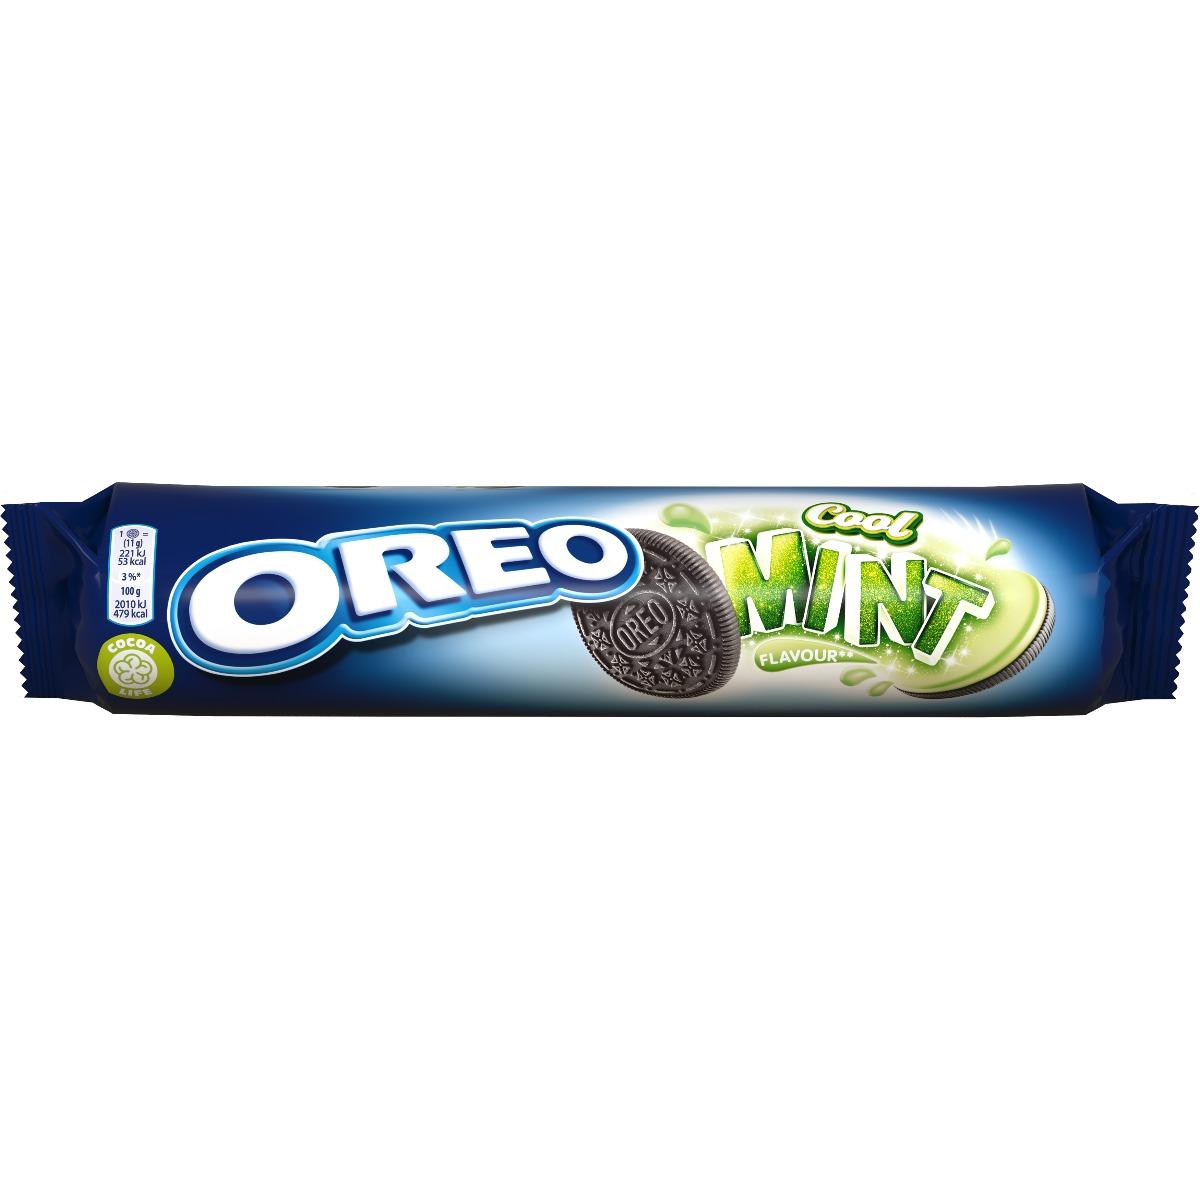 Biscuiti cu aroma de menta Oreo, 154 g imagine